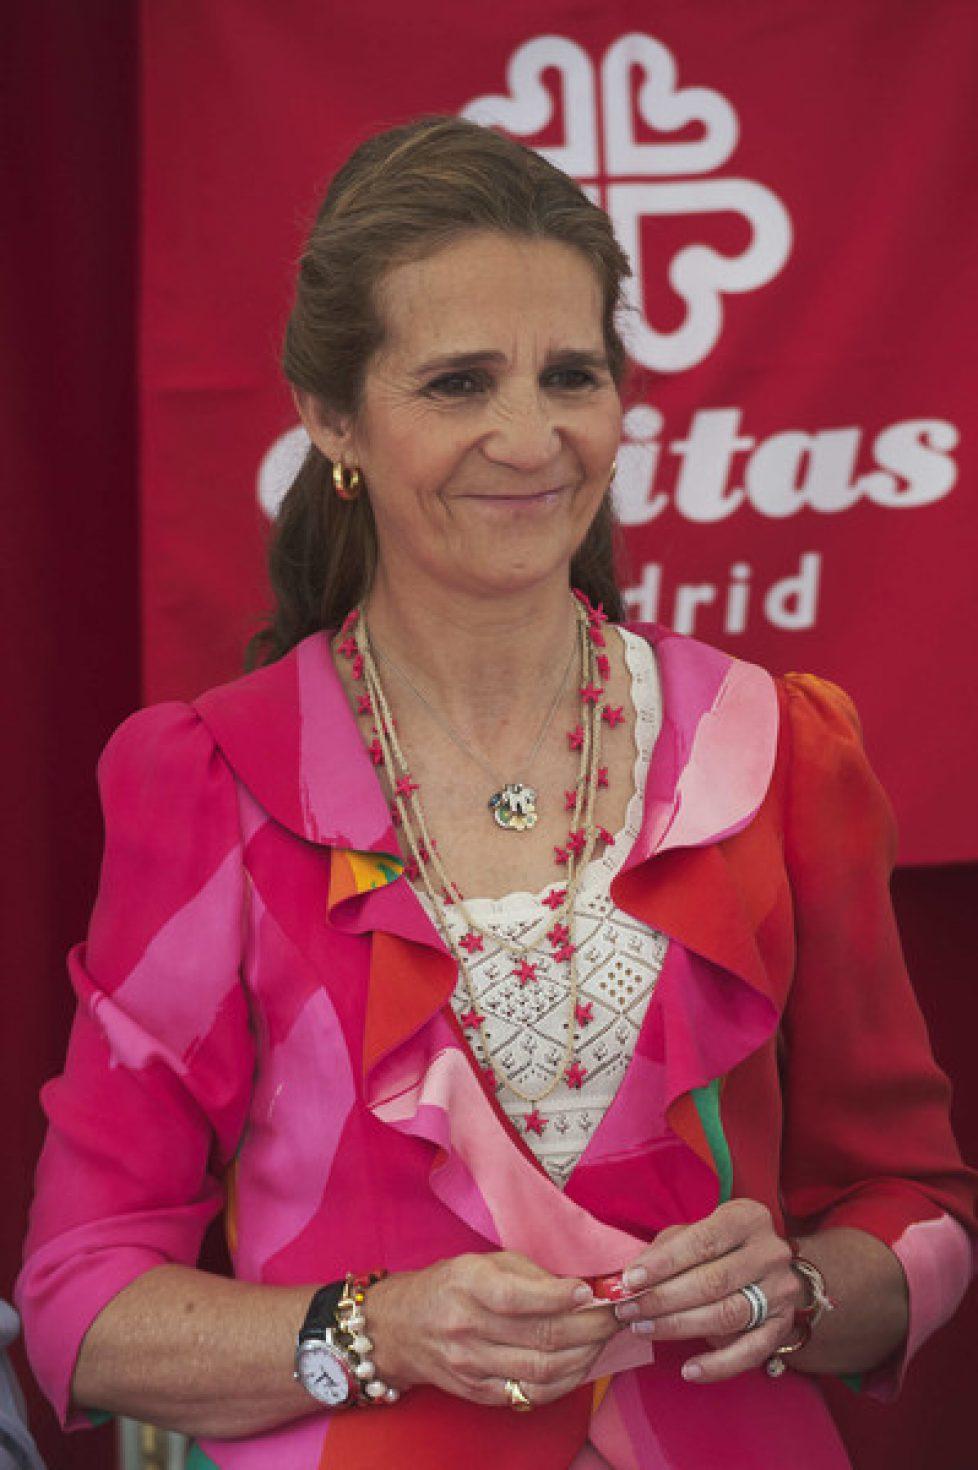 Princess+Elena+Attends+Dia+de+La+Caridad+Madrid+IGqufIBi5V5l